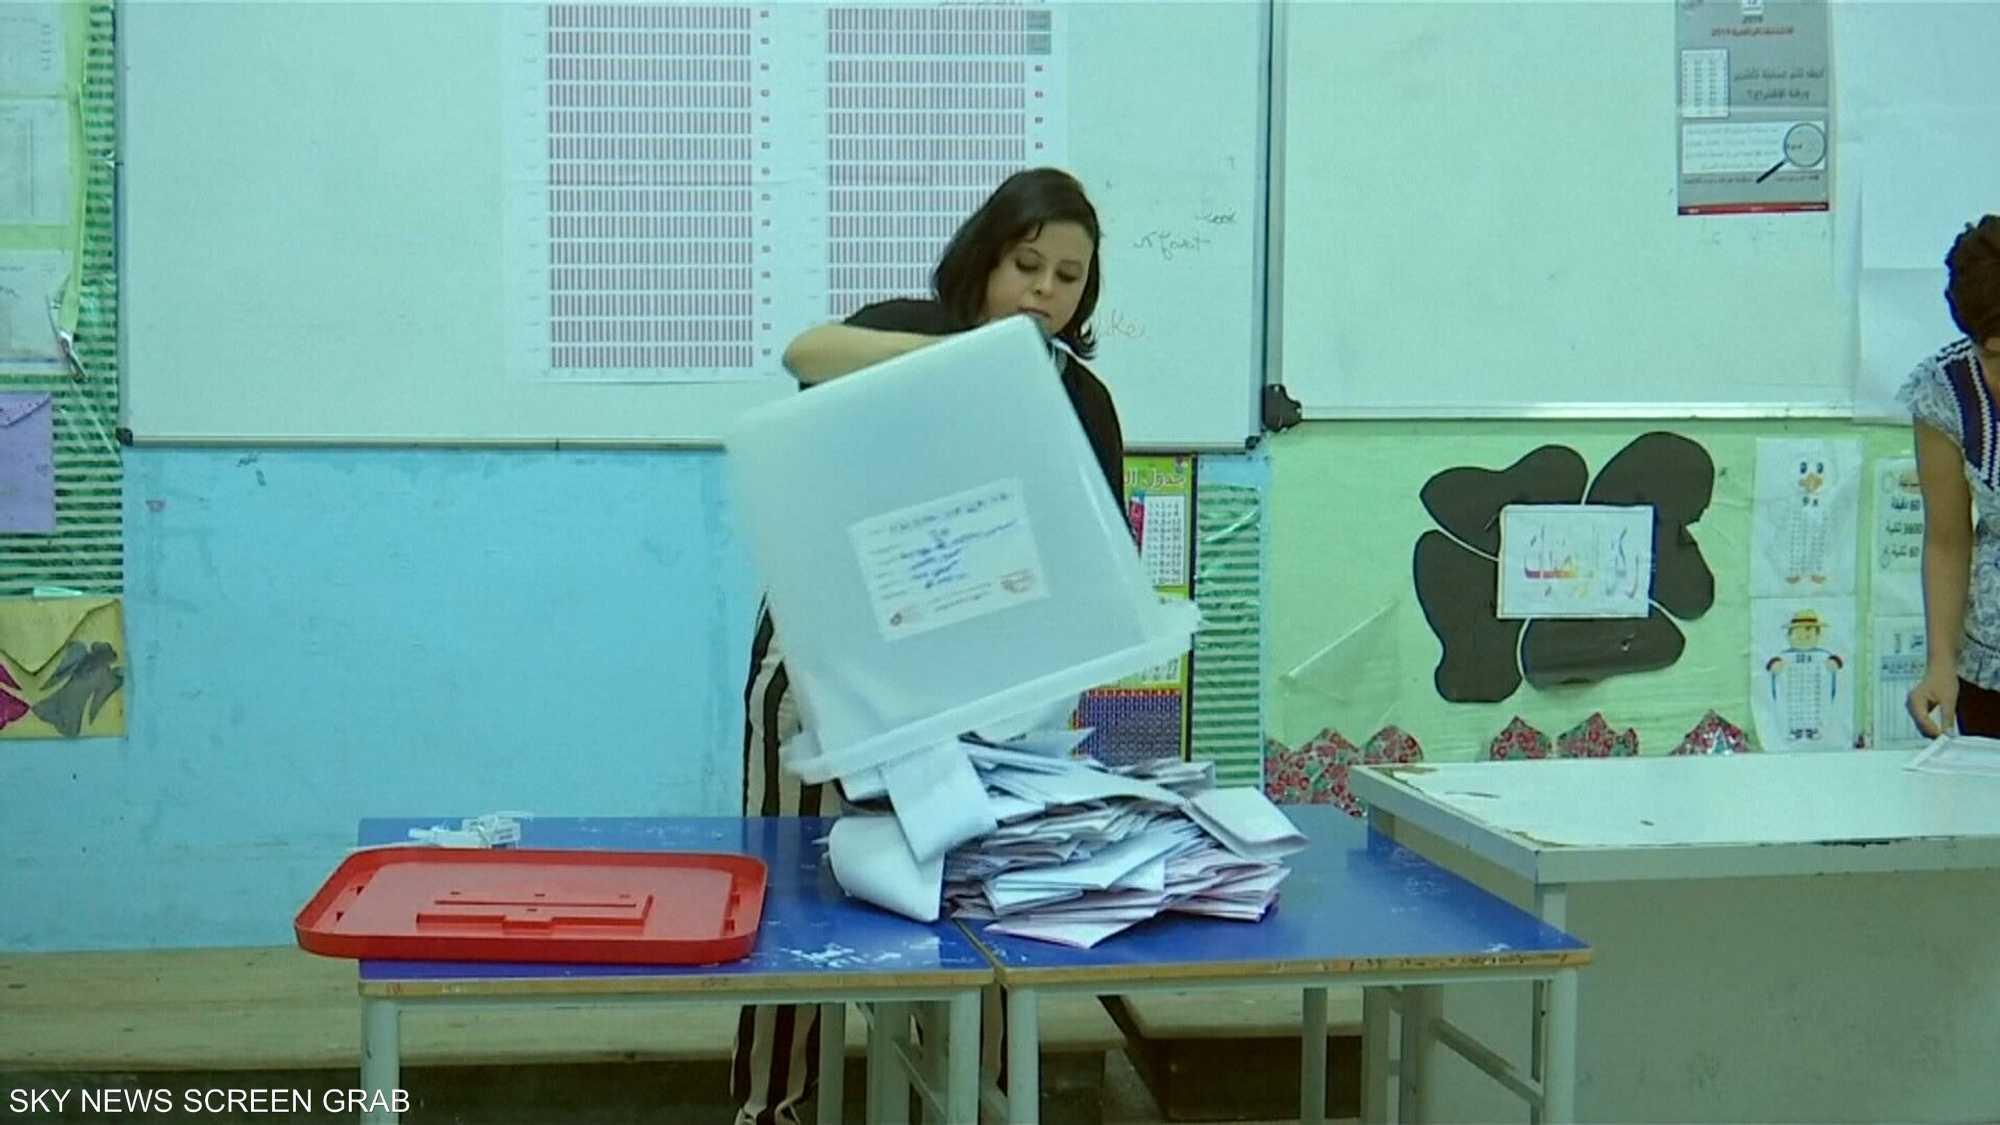 تونس.. ترقب الإعلان الرسمي لنتائج الانتخابات الرئاسية